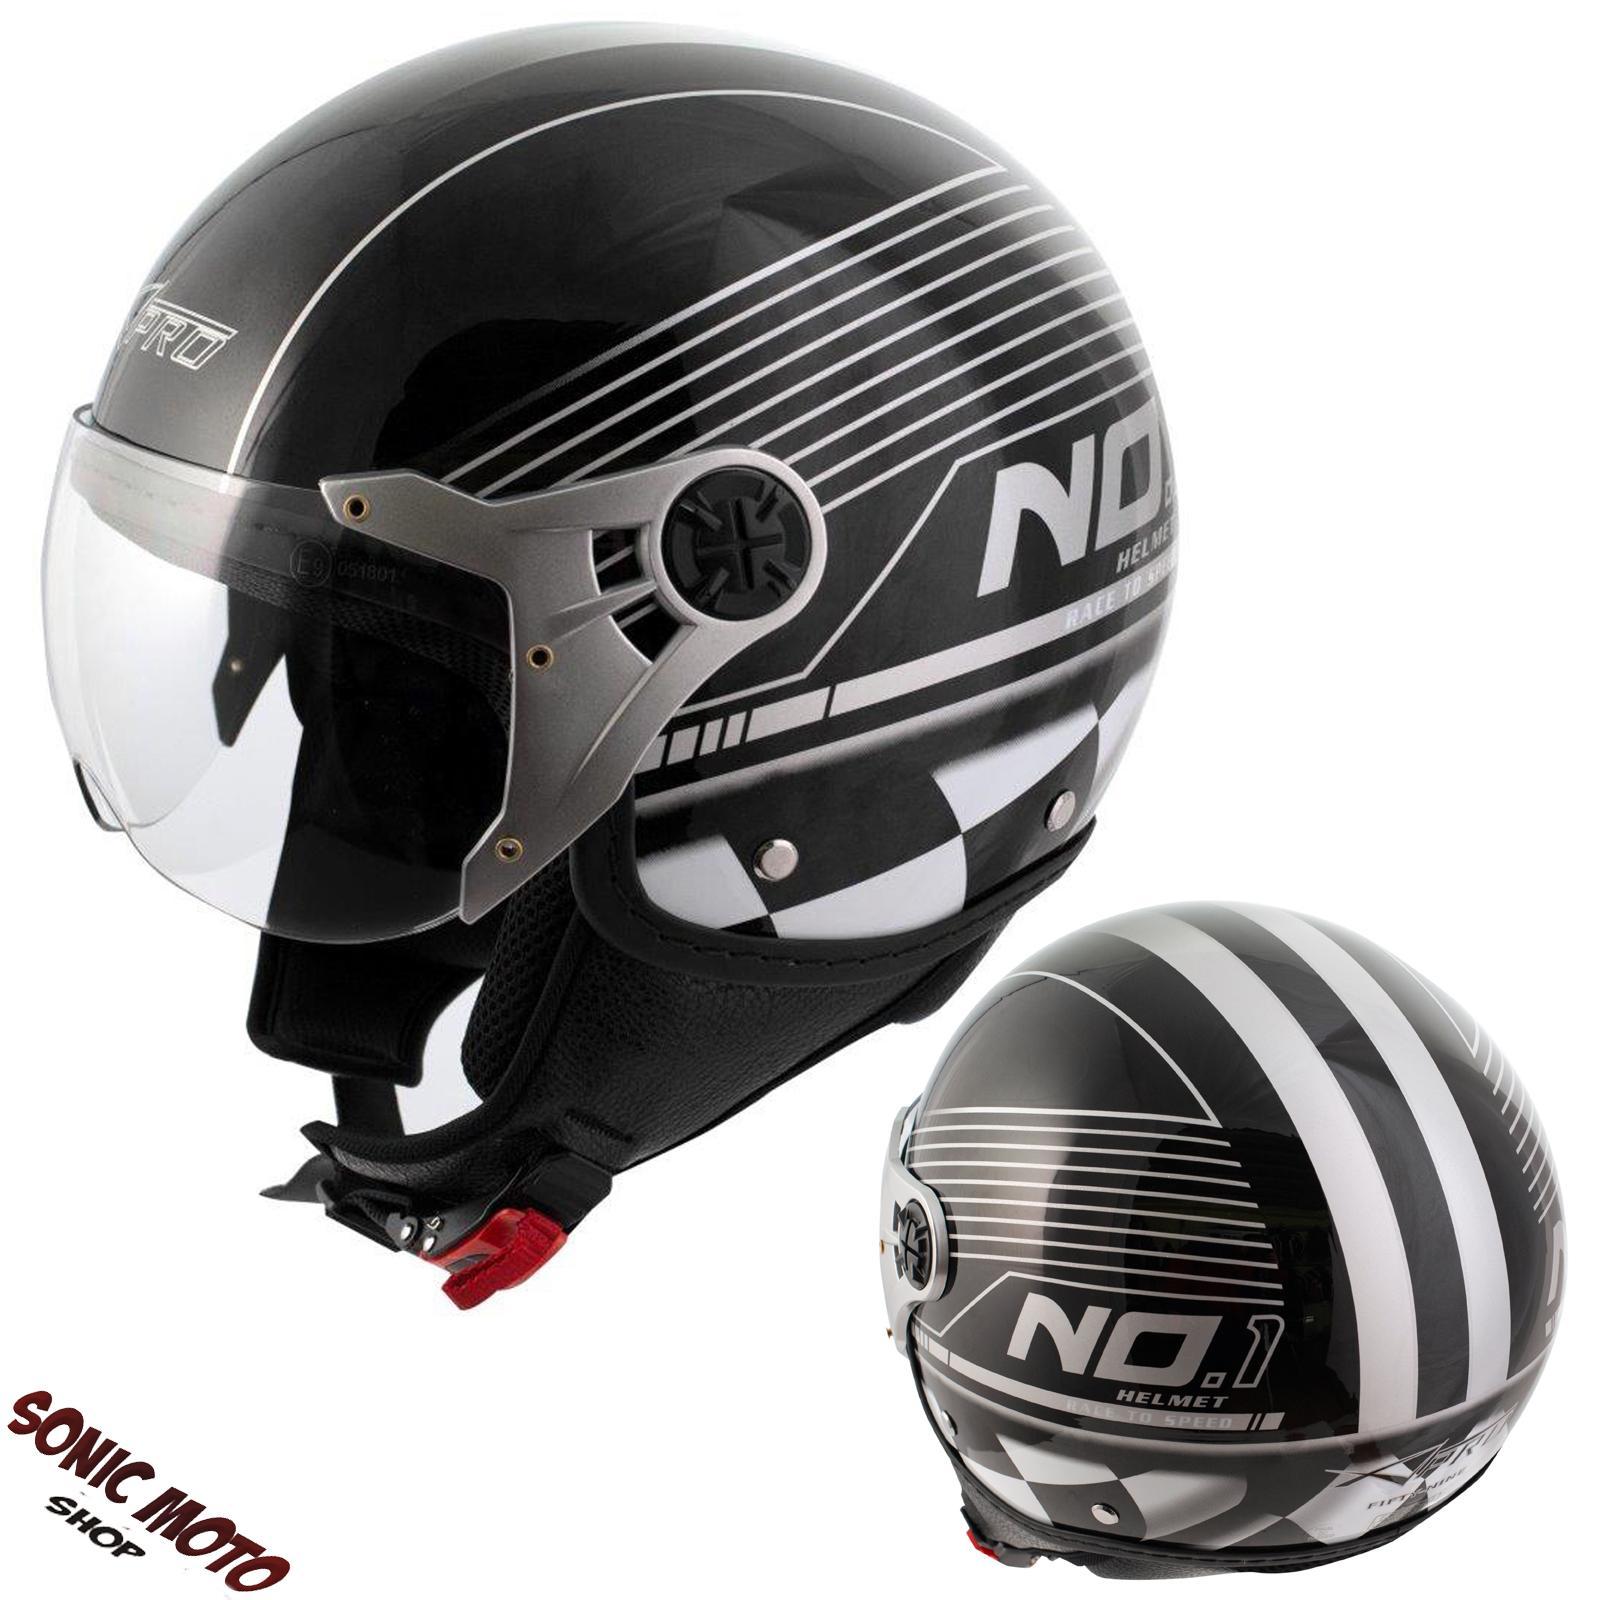 scooter moto casco jet omologato ece 22 05 visiera. Black Bedroom Furniture Sets. Home Design Ideas